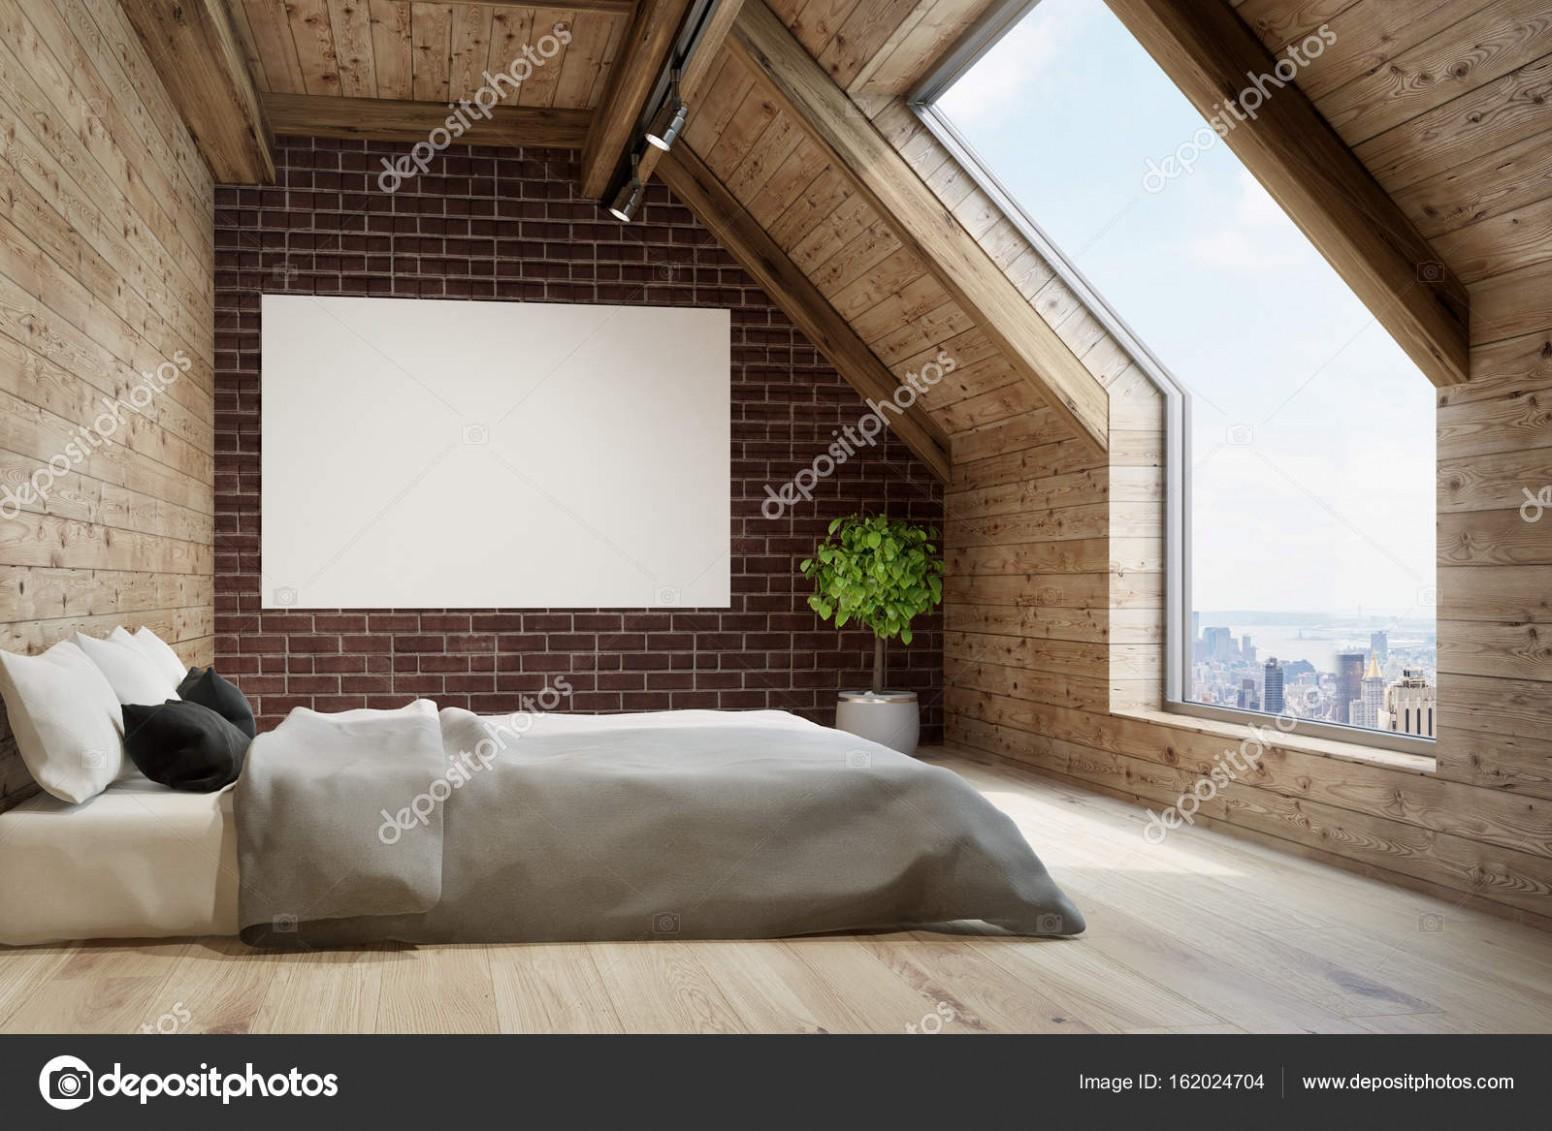 Podkrovní ložnice, šedé povlečení, plakát — Stock Fotografie ...